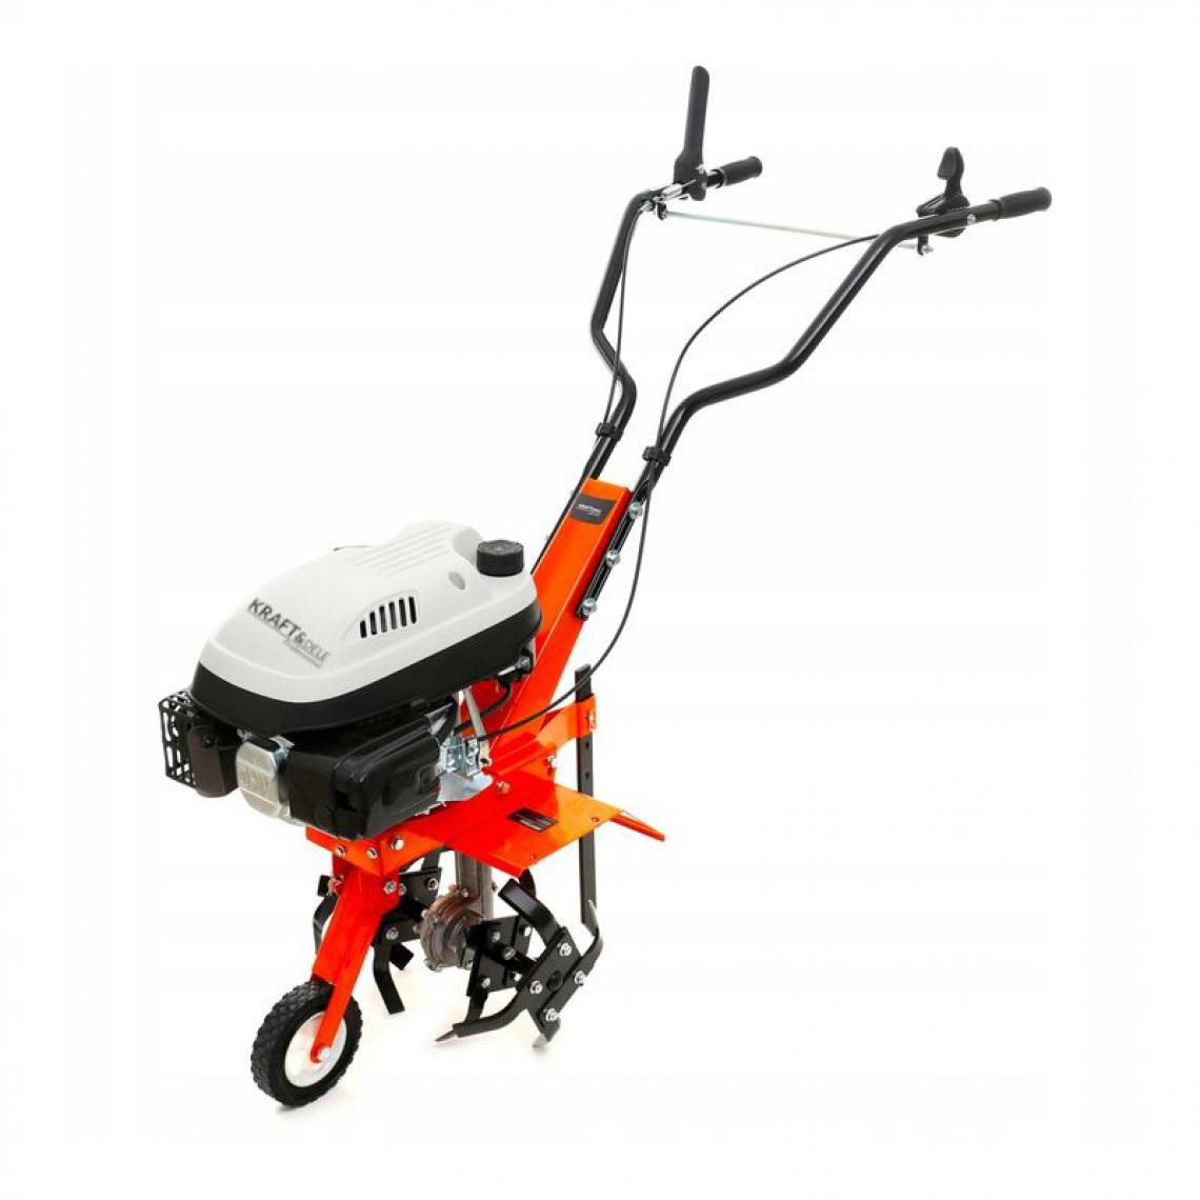 Hucoco DCRAFT | Motobineuse thermique 139 cm3 puissance 3.6 kW | Outil jardinage | Fraises robustes | Régime 3000 tours/minute